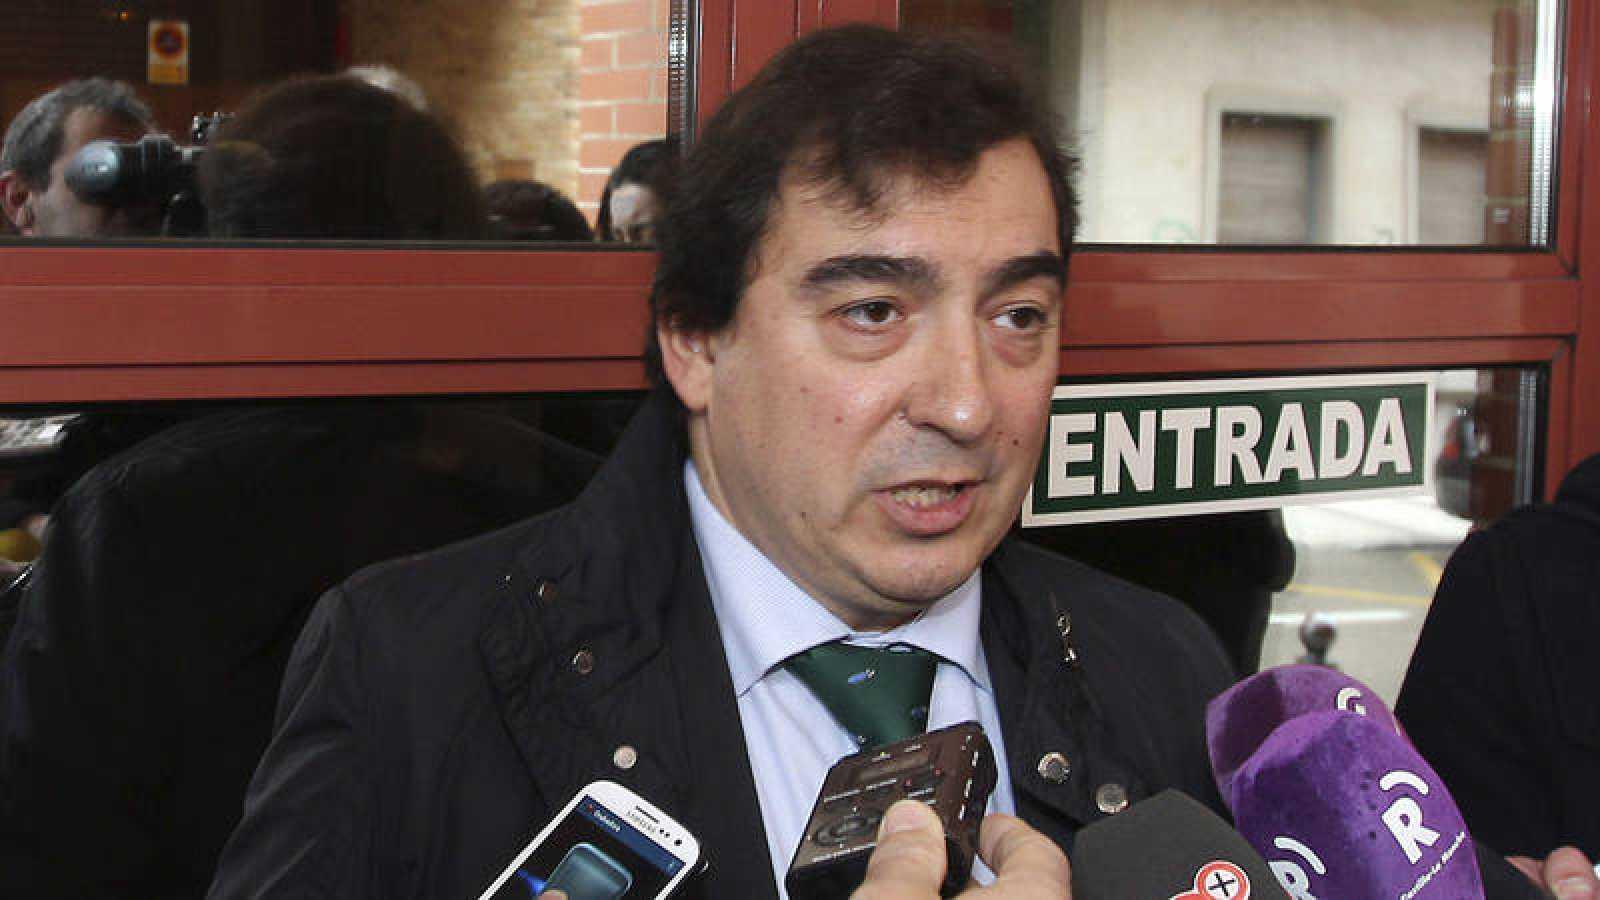 Imagen de archivo de Joaquín Carlos Hermoso Murillo, alcalde de Puertollano entre los años 2004 y 2013.